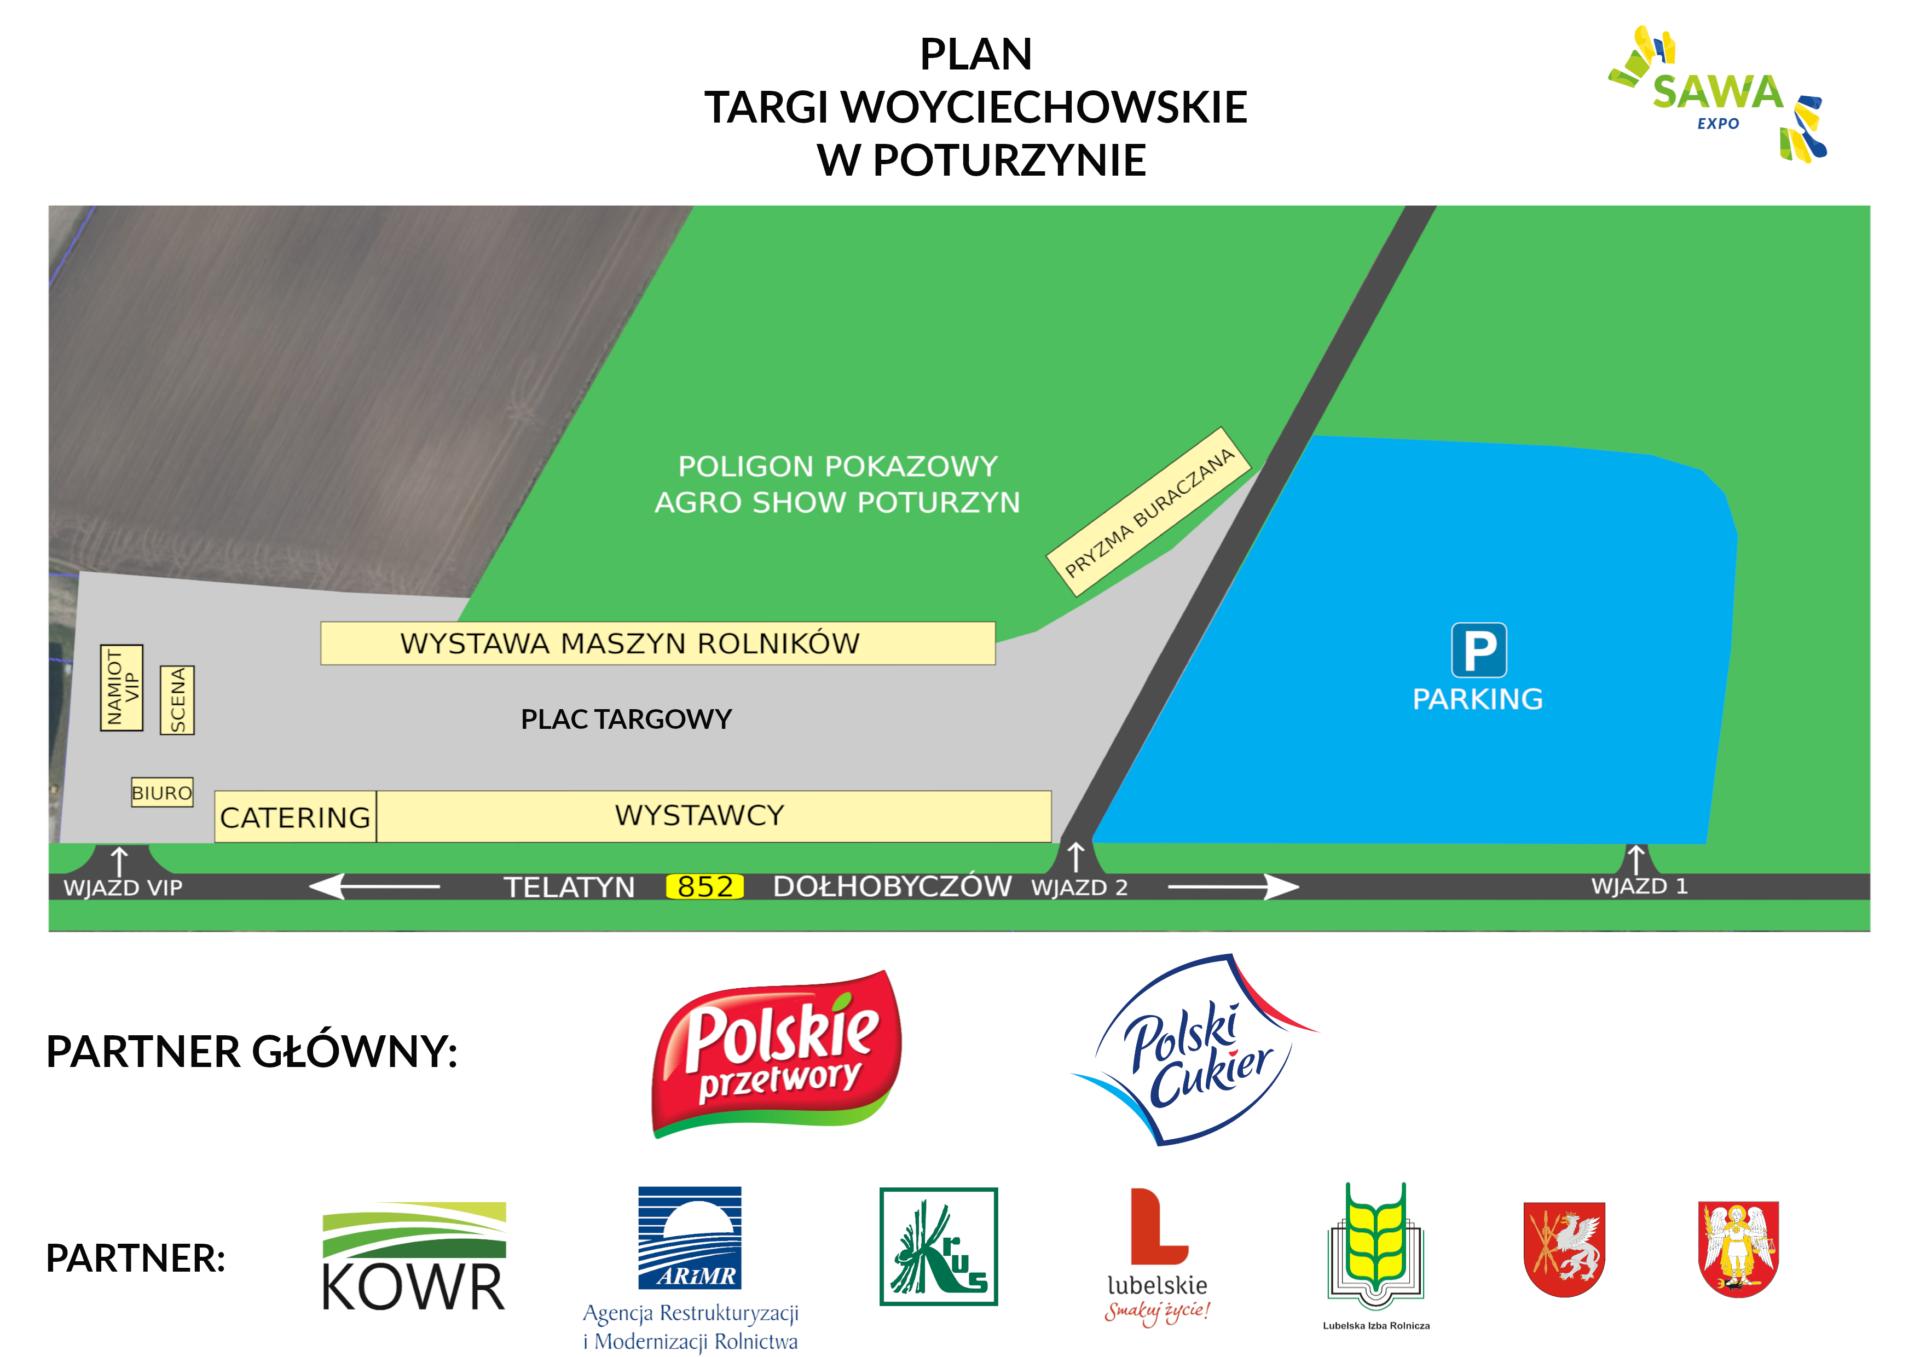 plan Ogromna impreza rolnicza w regionie. Targi Woyciechowskie - Innowacje 2020 w Poturzynie [PROGRAM]